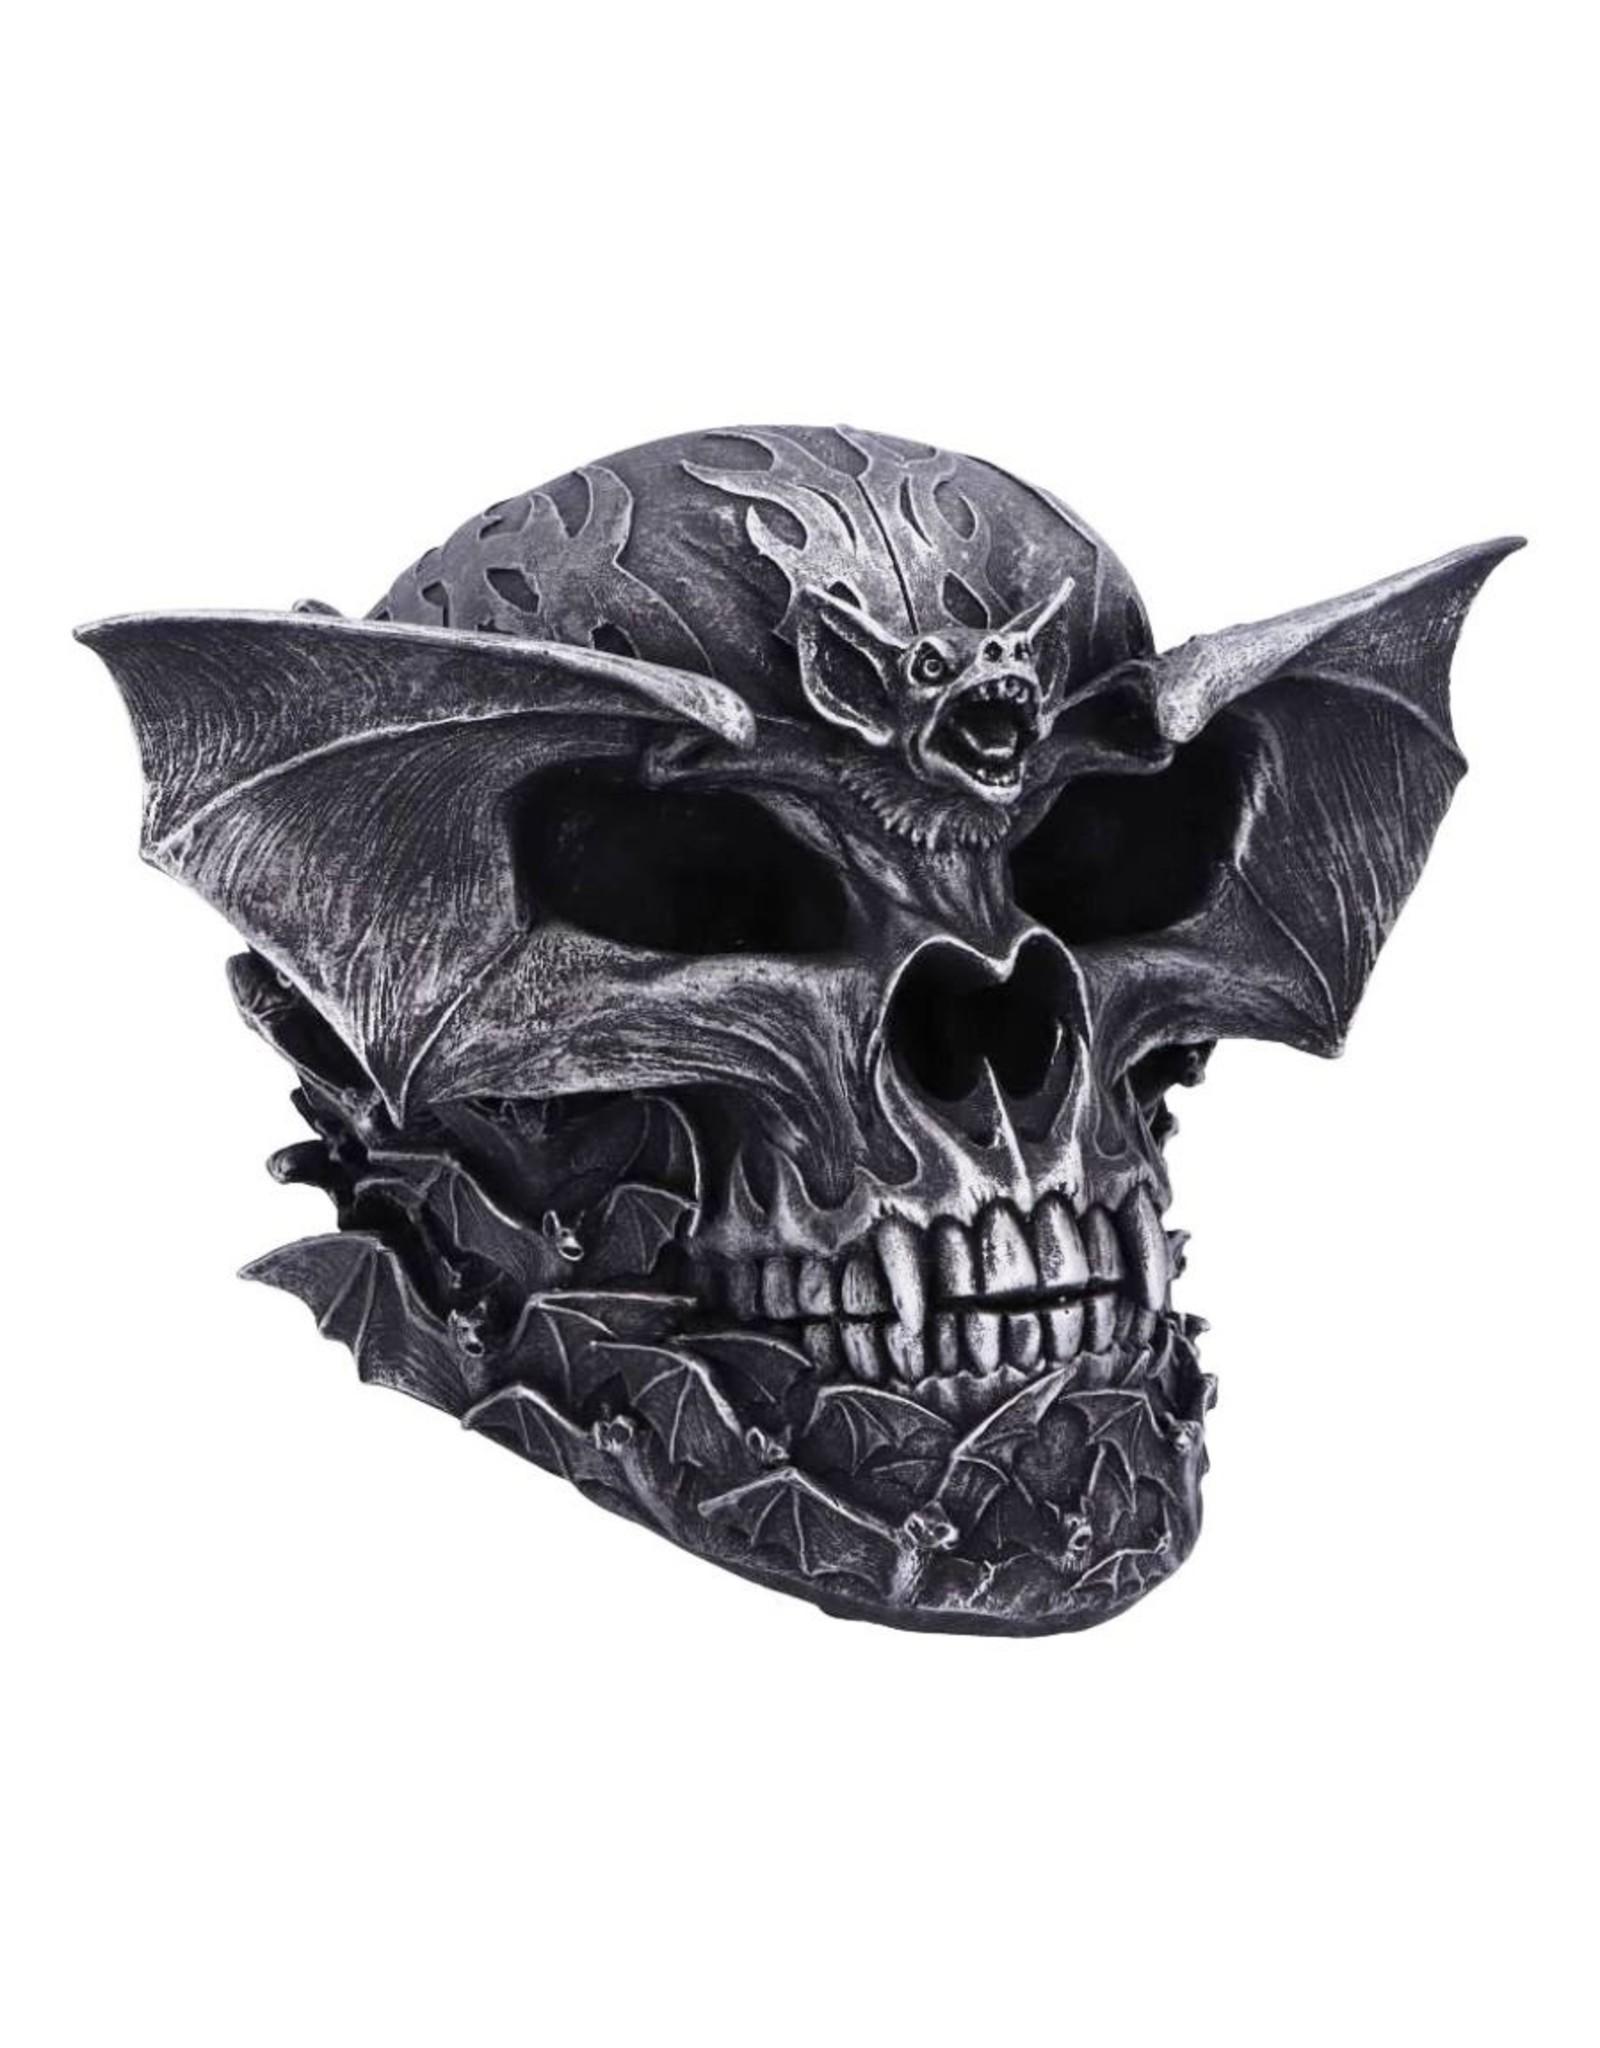 Spiral Giftware & Lifestyle - Gothic Vleermuis Schedel Spiral